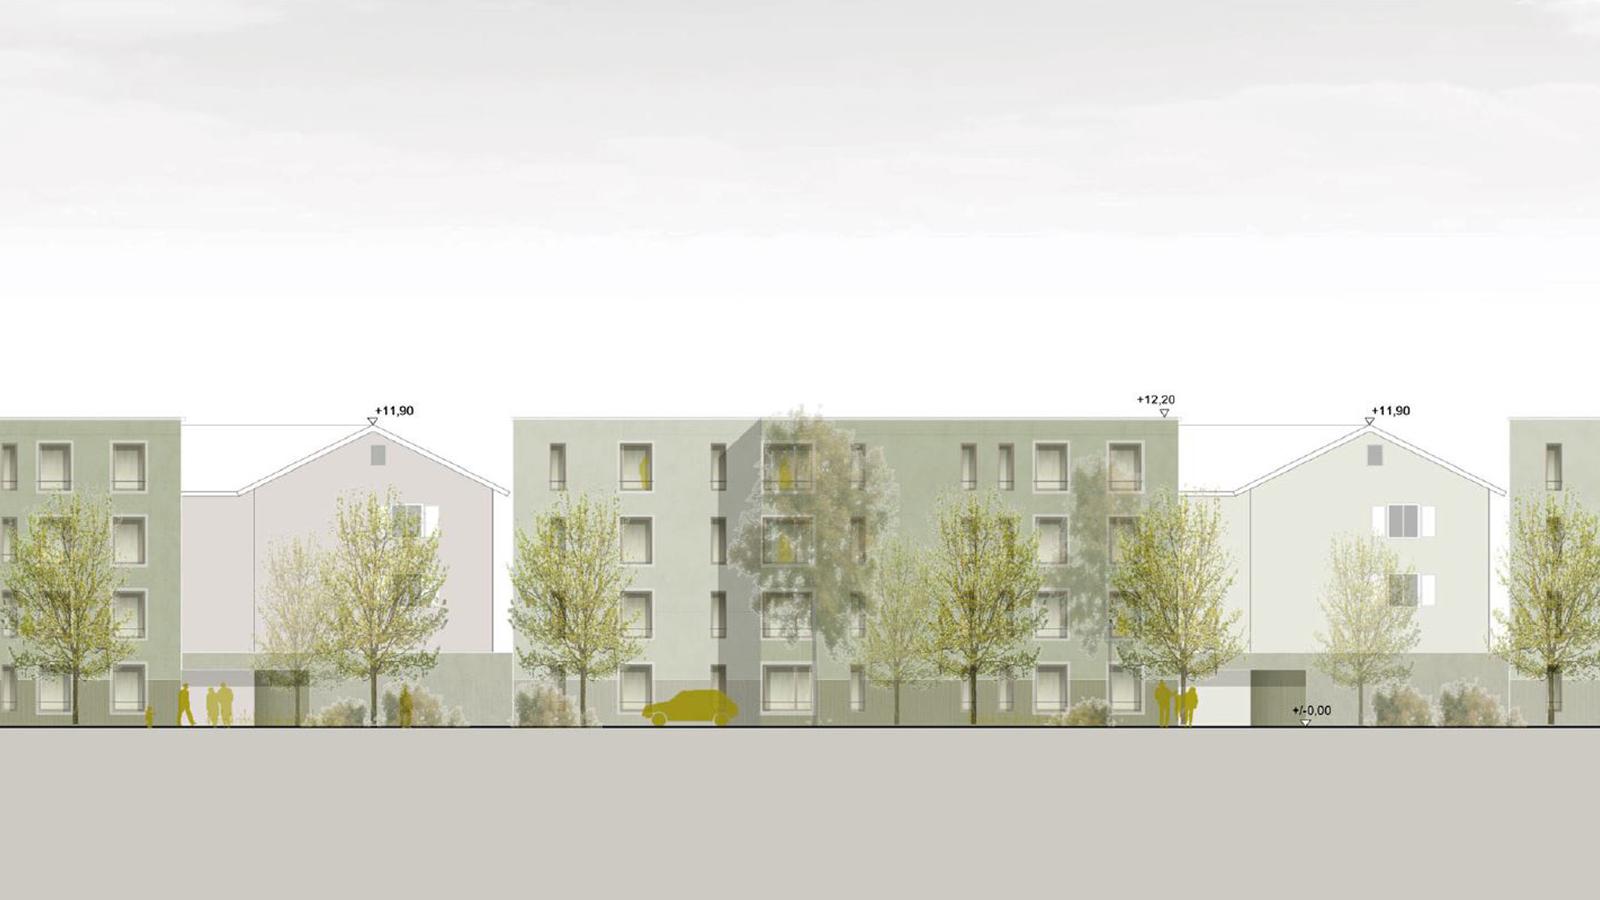 h2m-architekten-wettbewerb-goethequartier-ansicht-nord-schallschutzbebauung